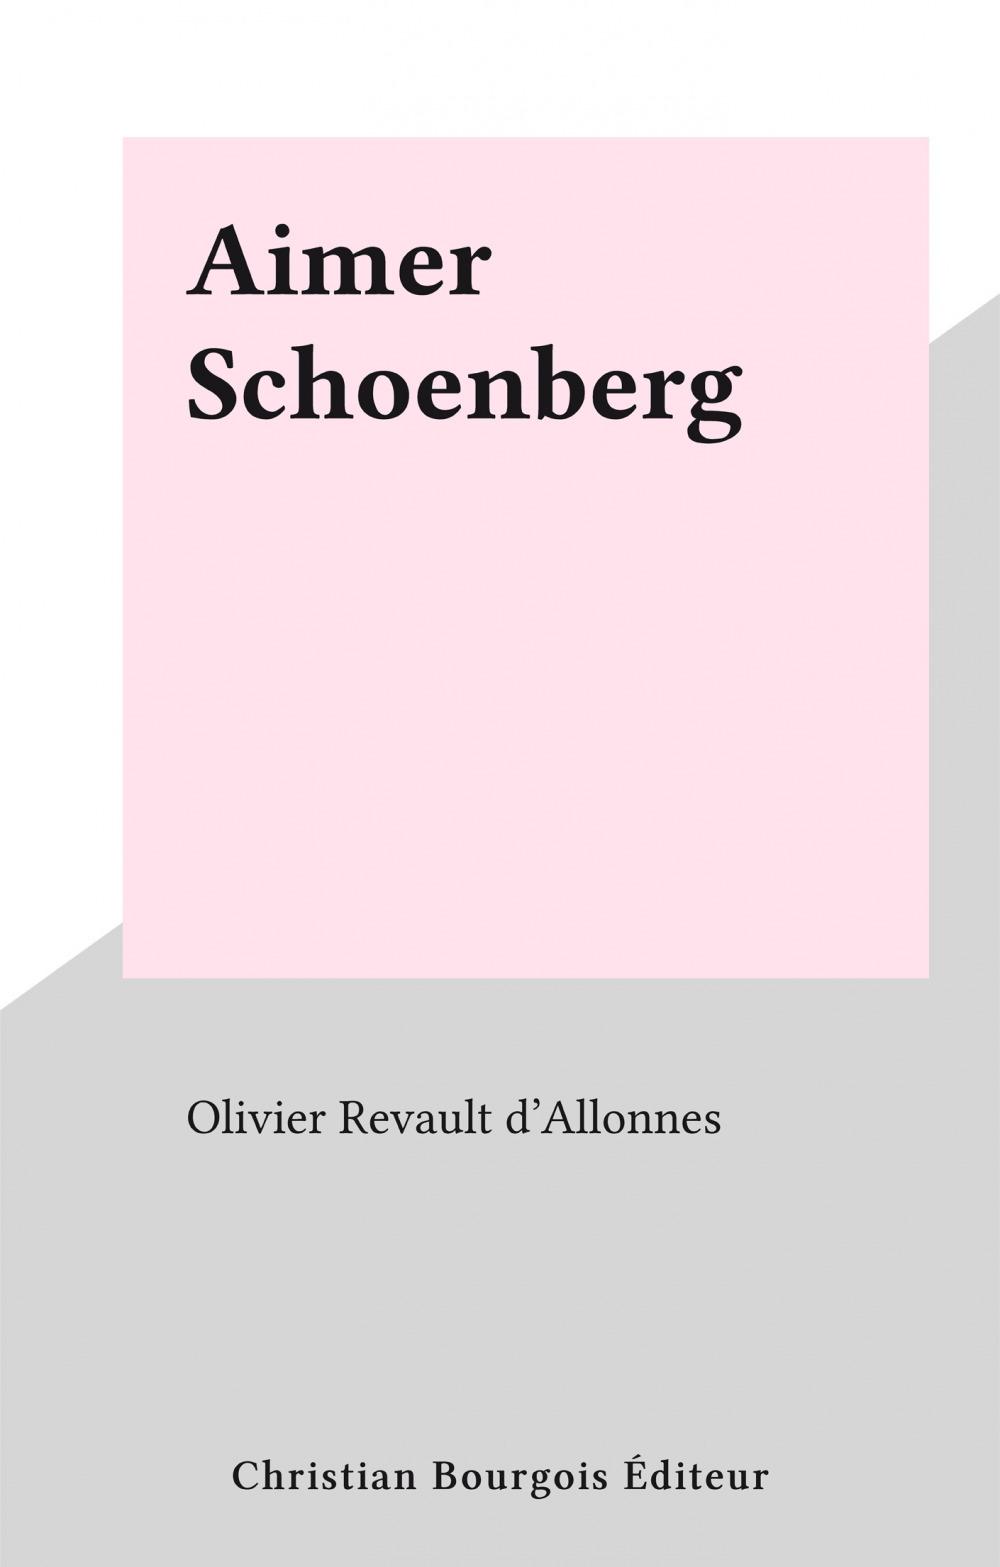 Aimer Schoenberg